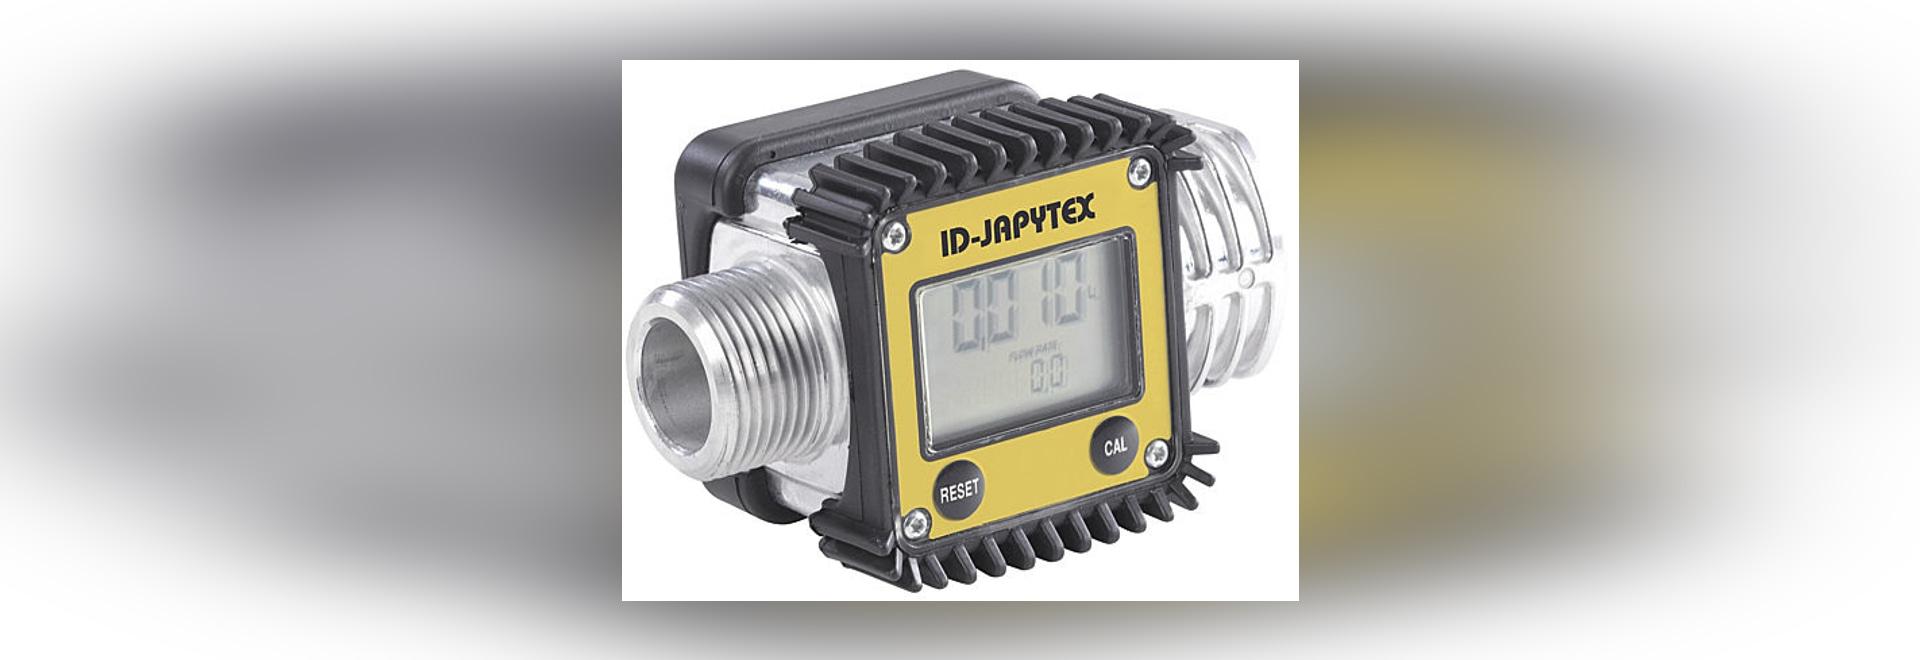 ATEX meter with turbine - ID-JAPYTEX